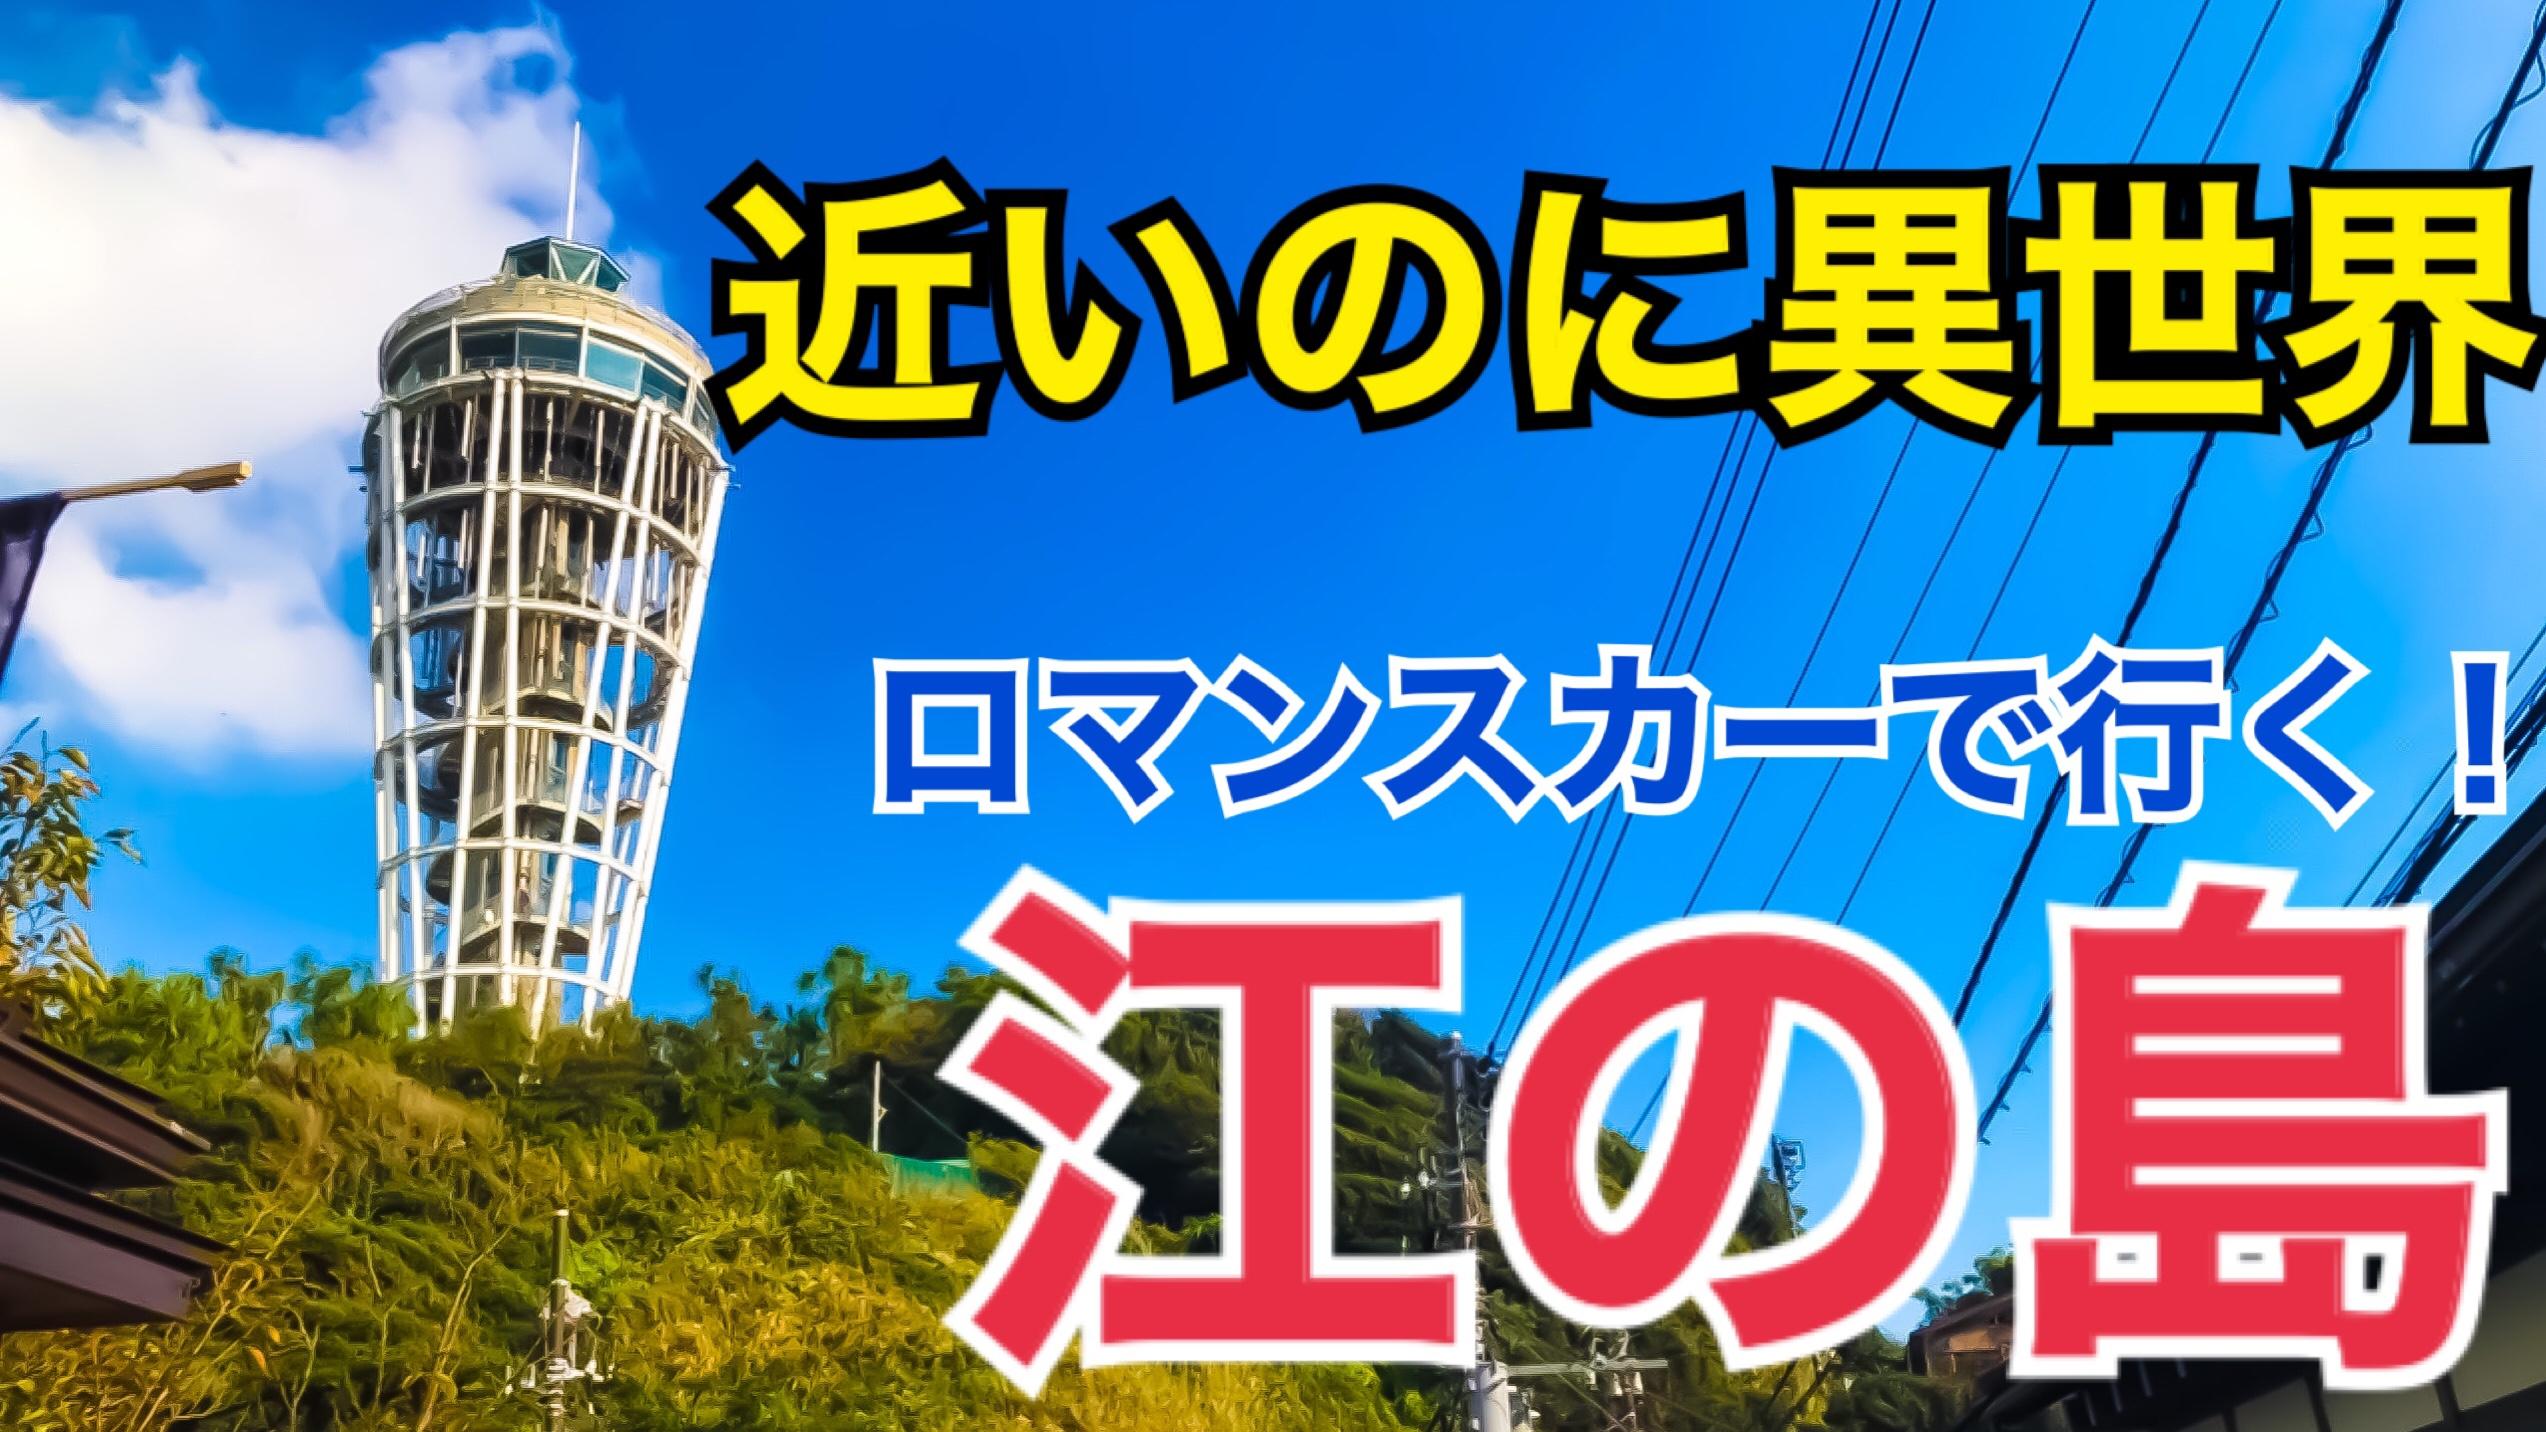 【湘南】東京から近くて、高品質!江の島観光モデルコース  江の島で1日観光【江の島・鎌倉の旅】